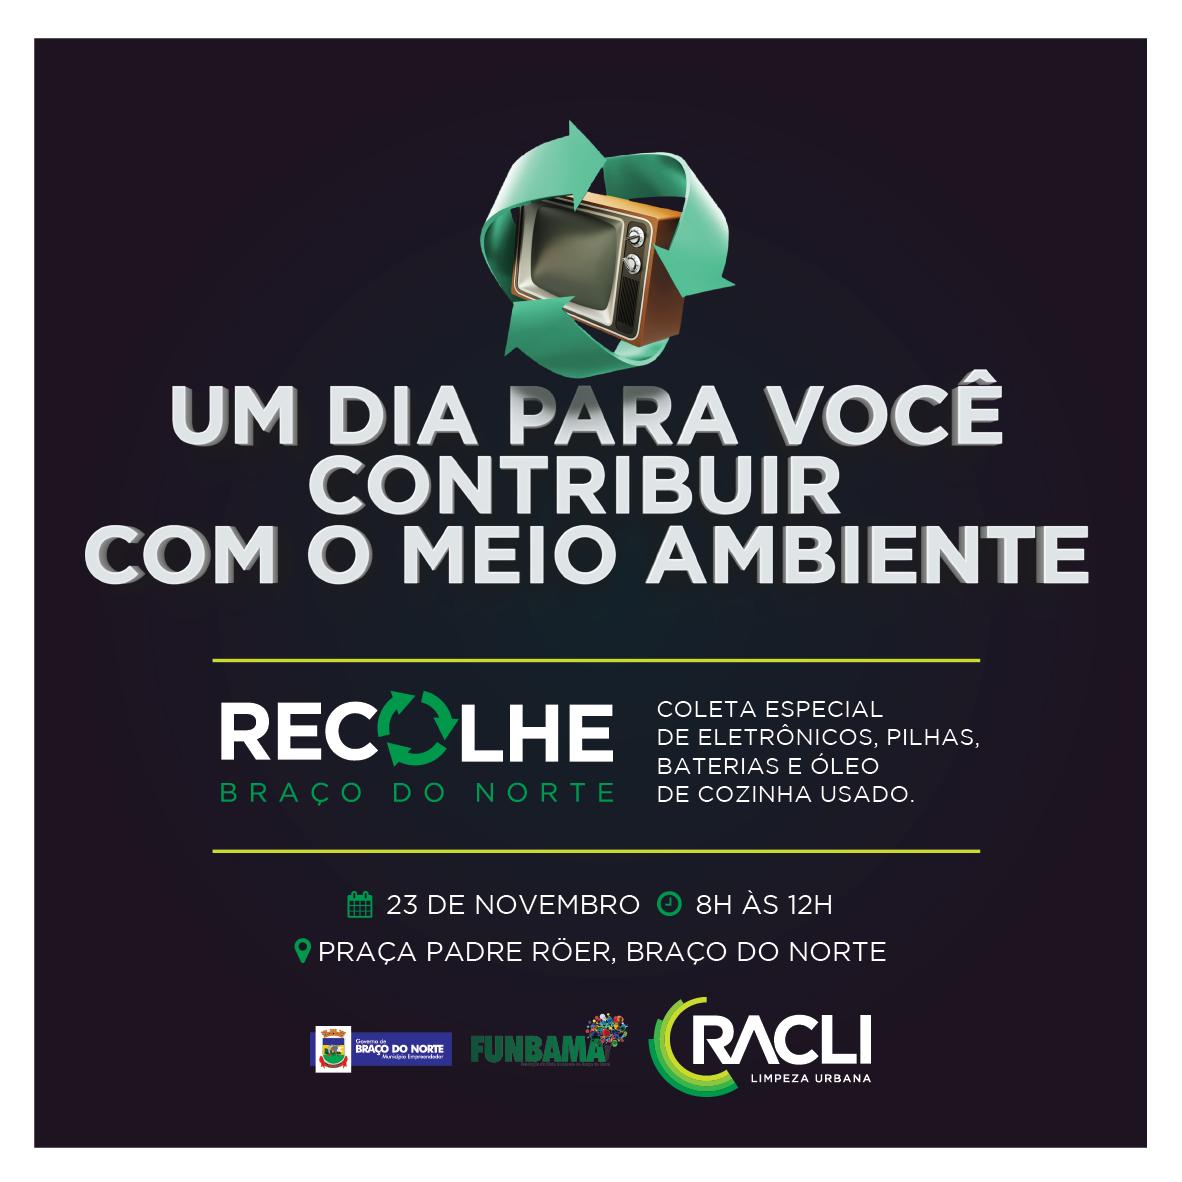 Racli promove ação que orienta sobre a destinação correta dos resíduos